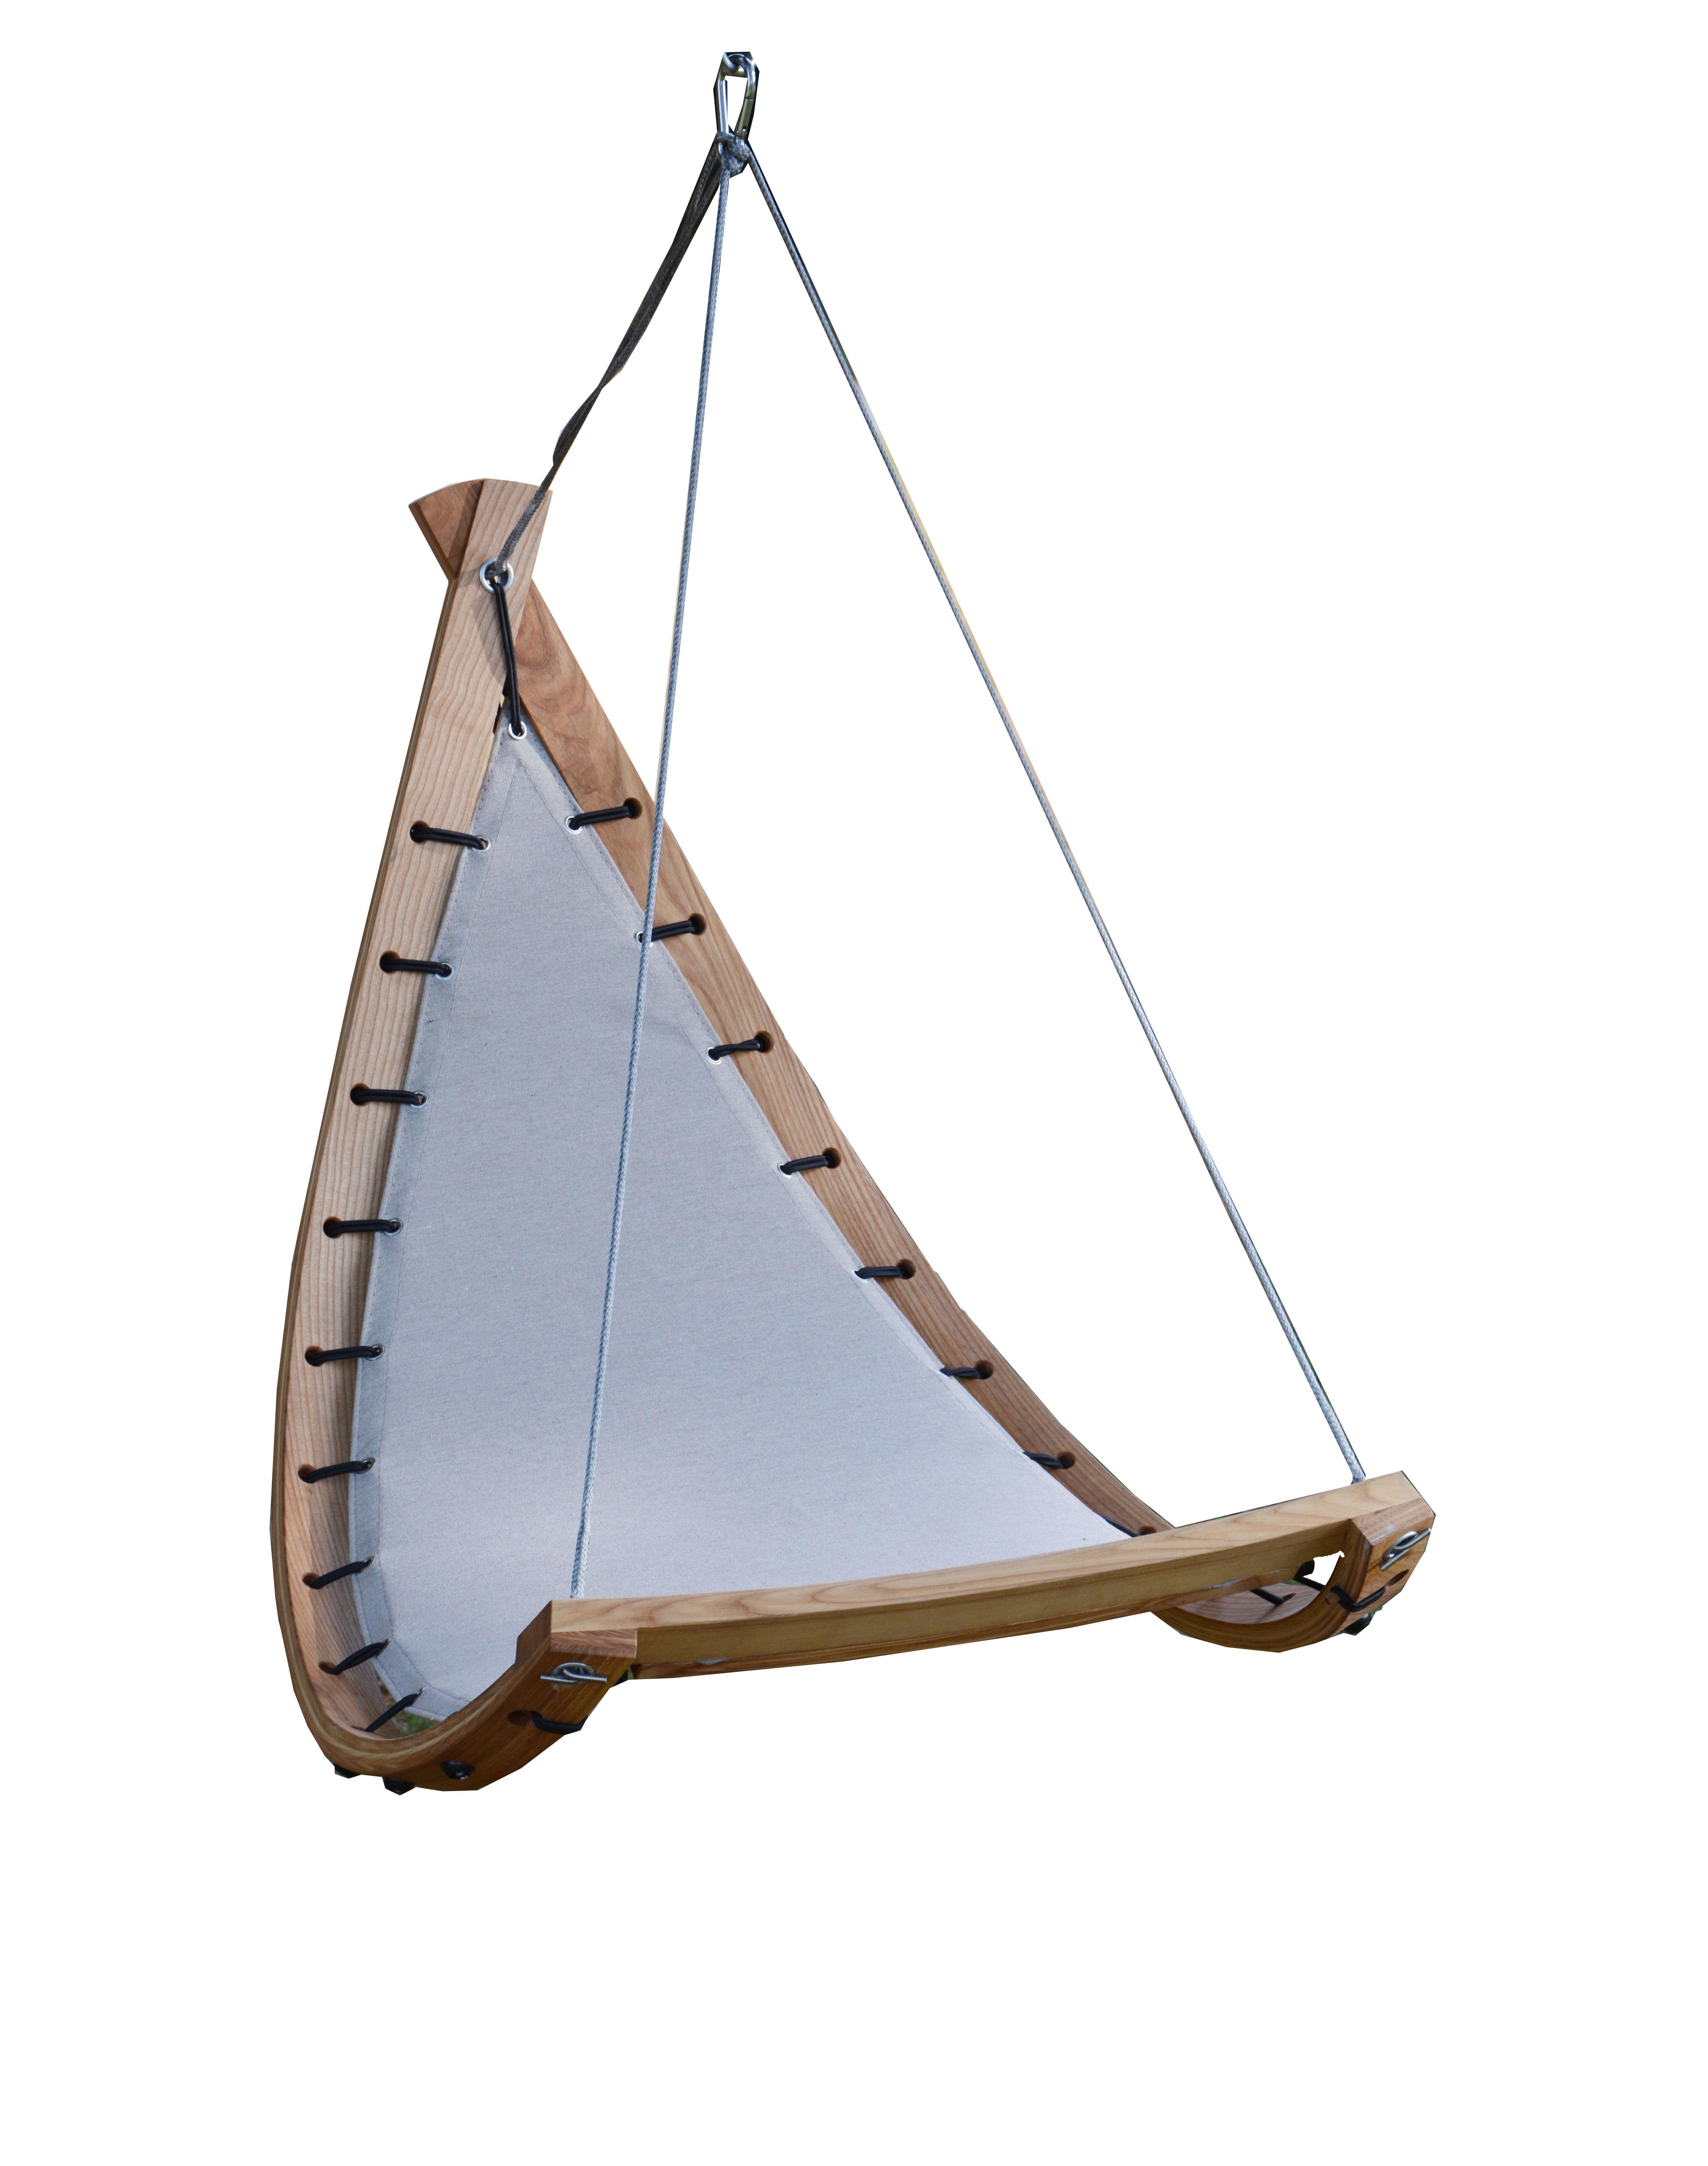 Outdoor - Chaises longues et hamacs - Fauteuil suspendu Balance / Bois & tissu - Cacoon - Fauteuil / Gris - Frêne huilé, Tissu Sunbrella